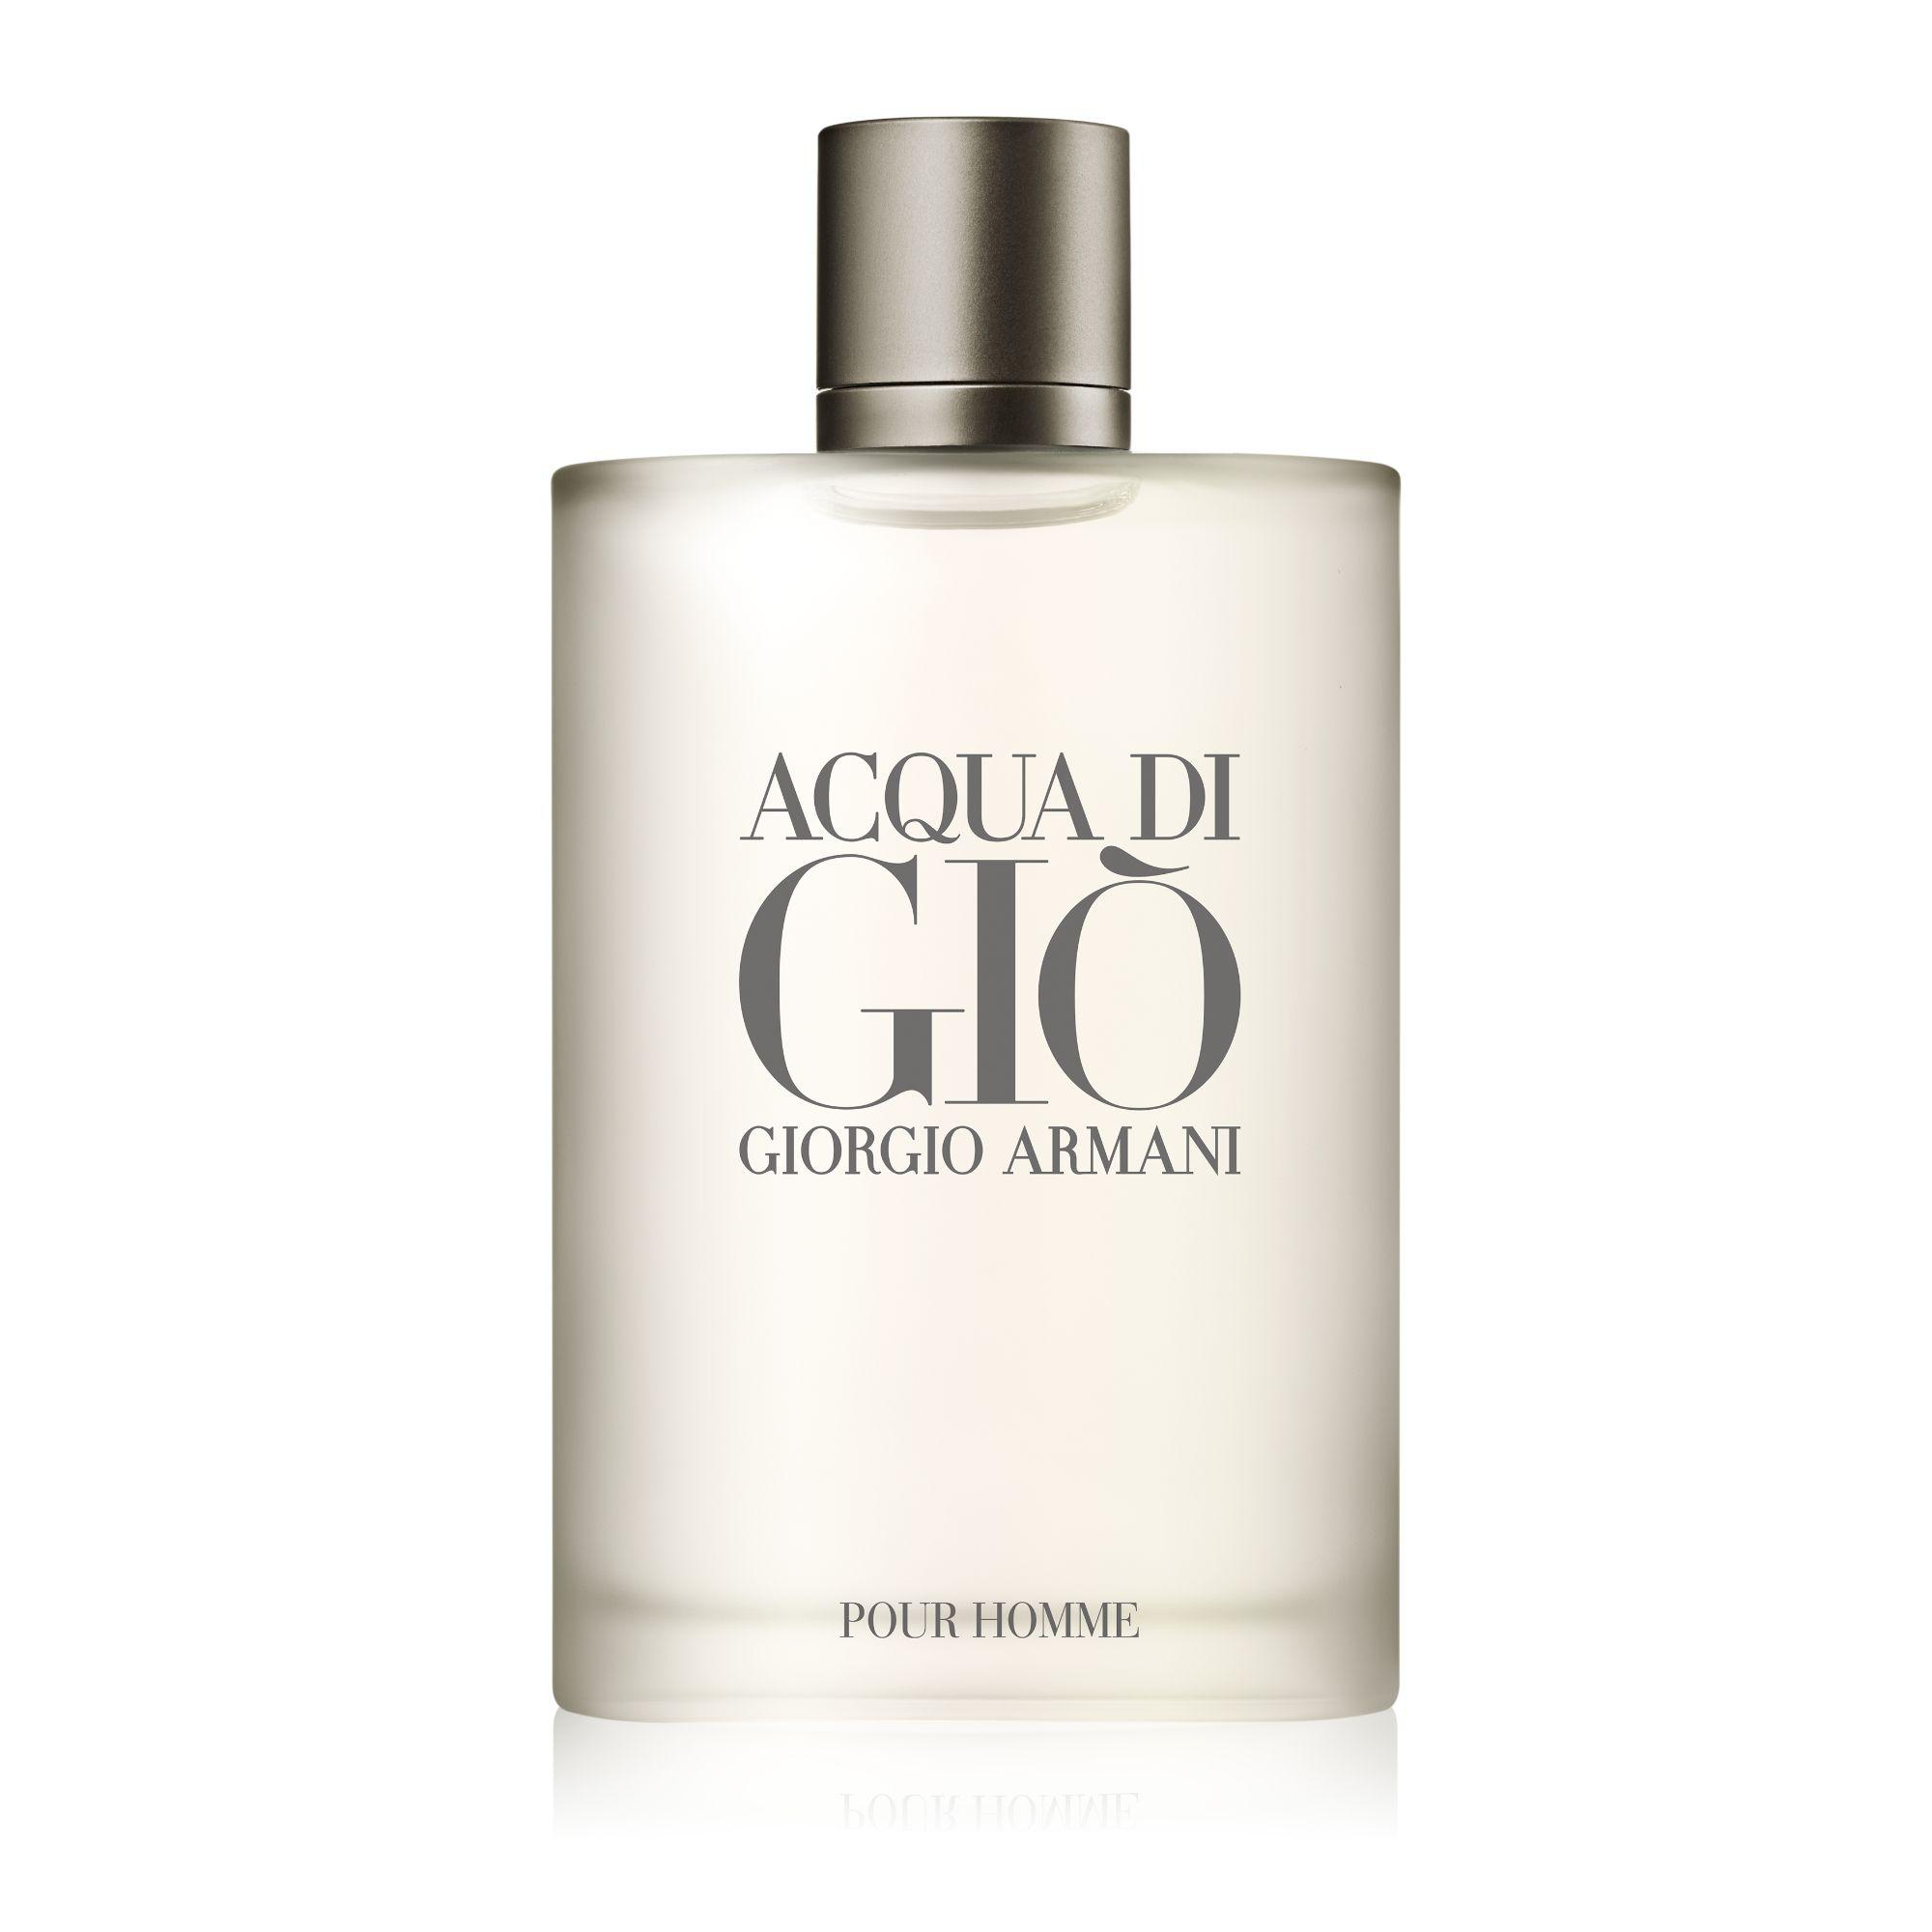 Giorgio Armani Acqua Di Giò EDT, 200 ml